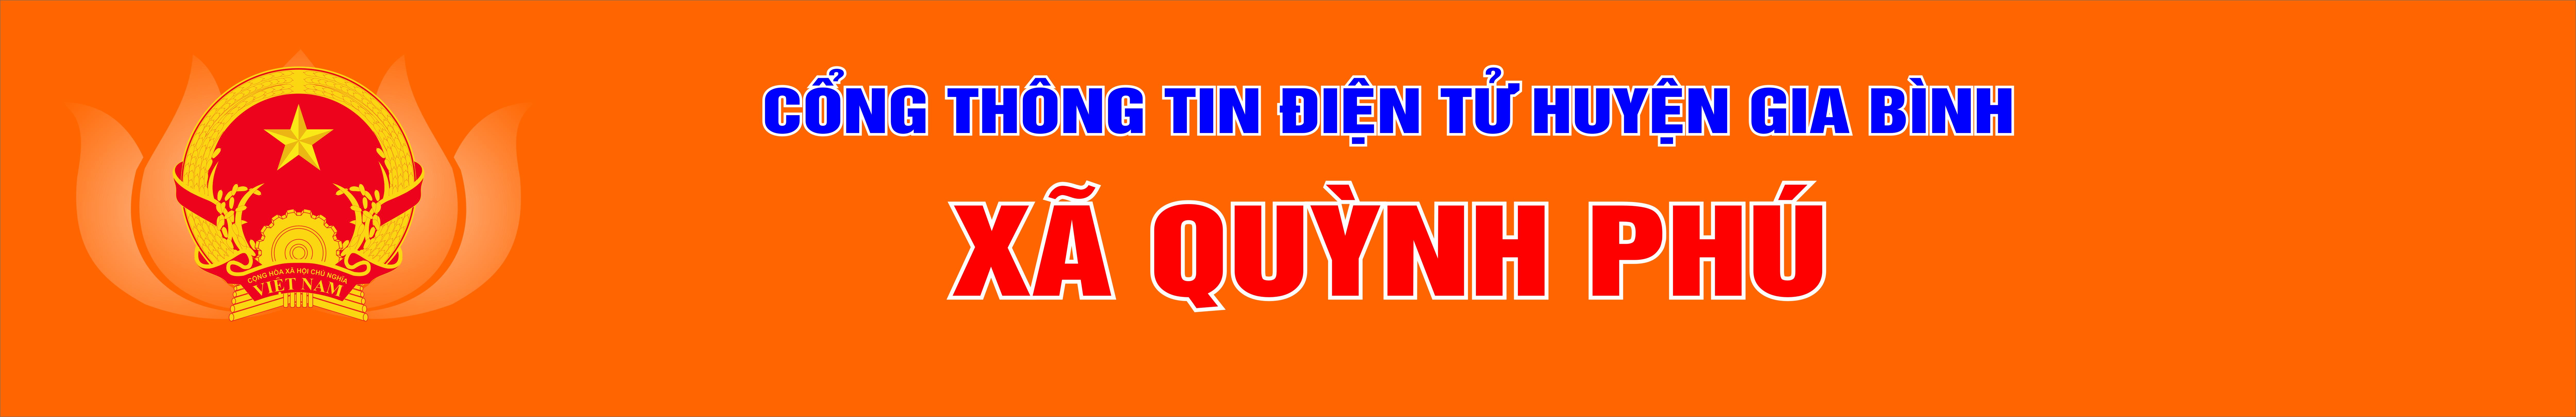 xã Quỳnh Phú